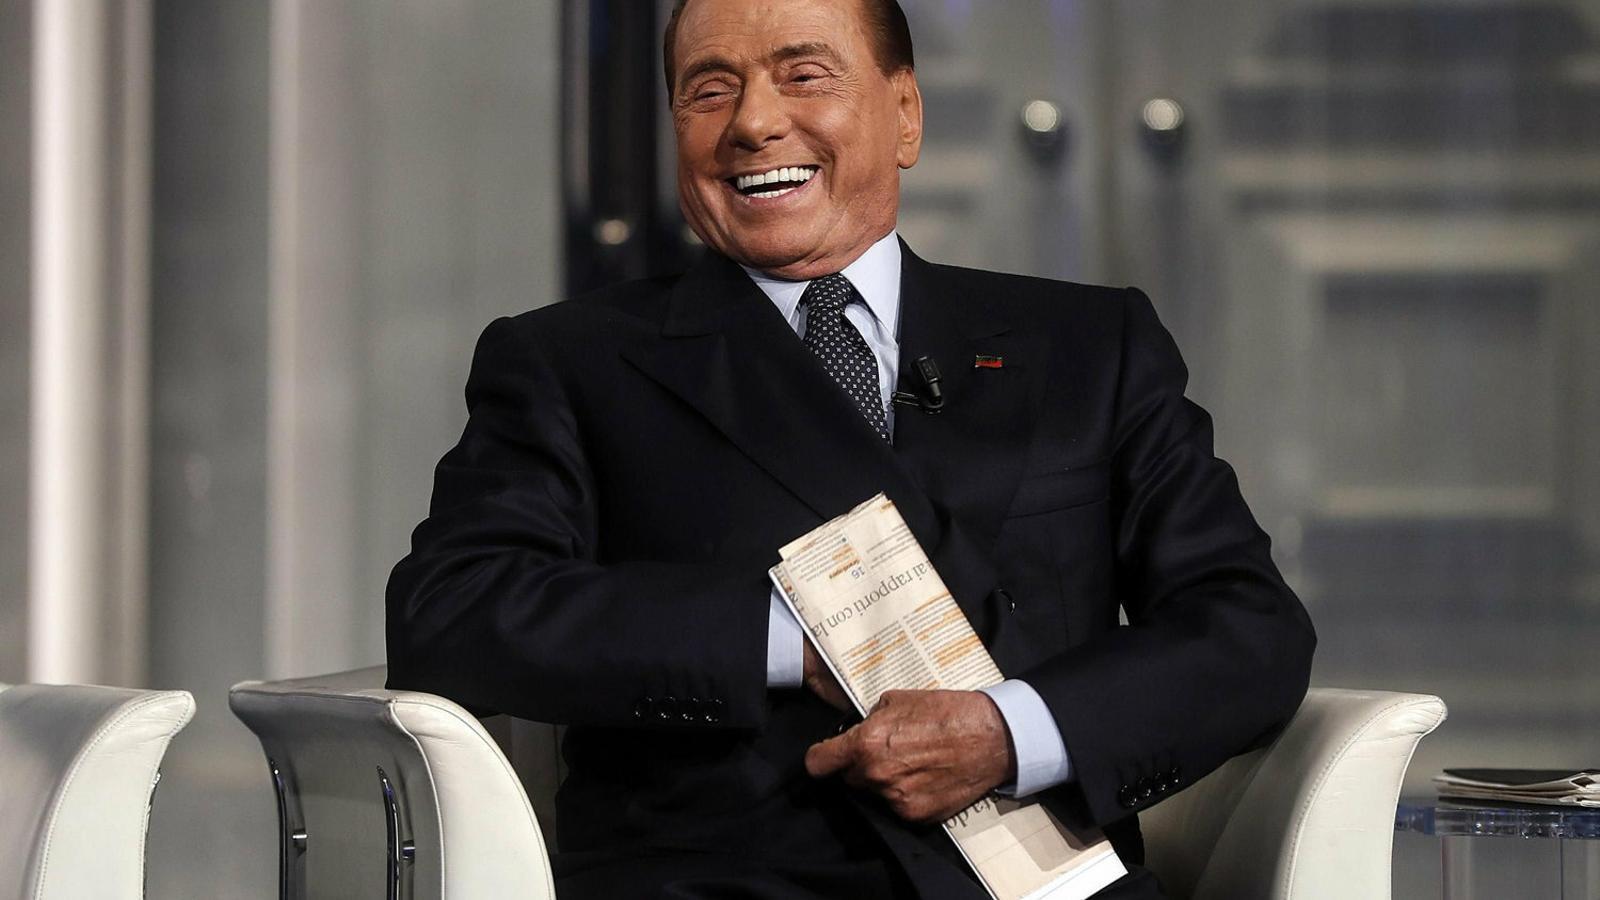 L'ex primer ministre italià Silvio Berlusconi en una imatge recent.